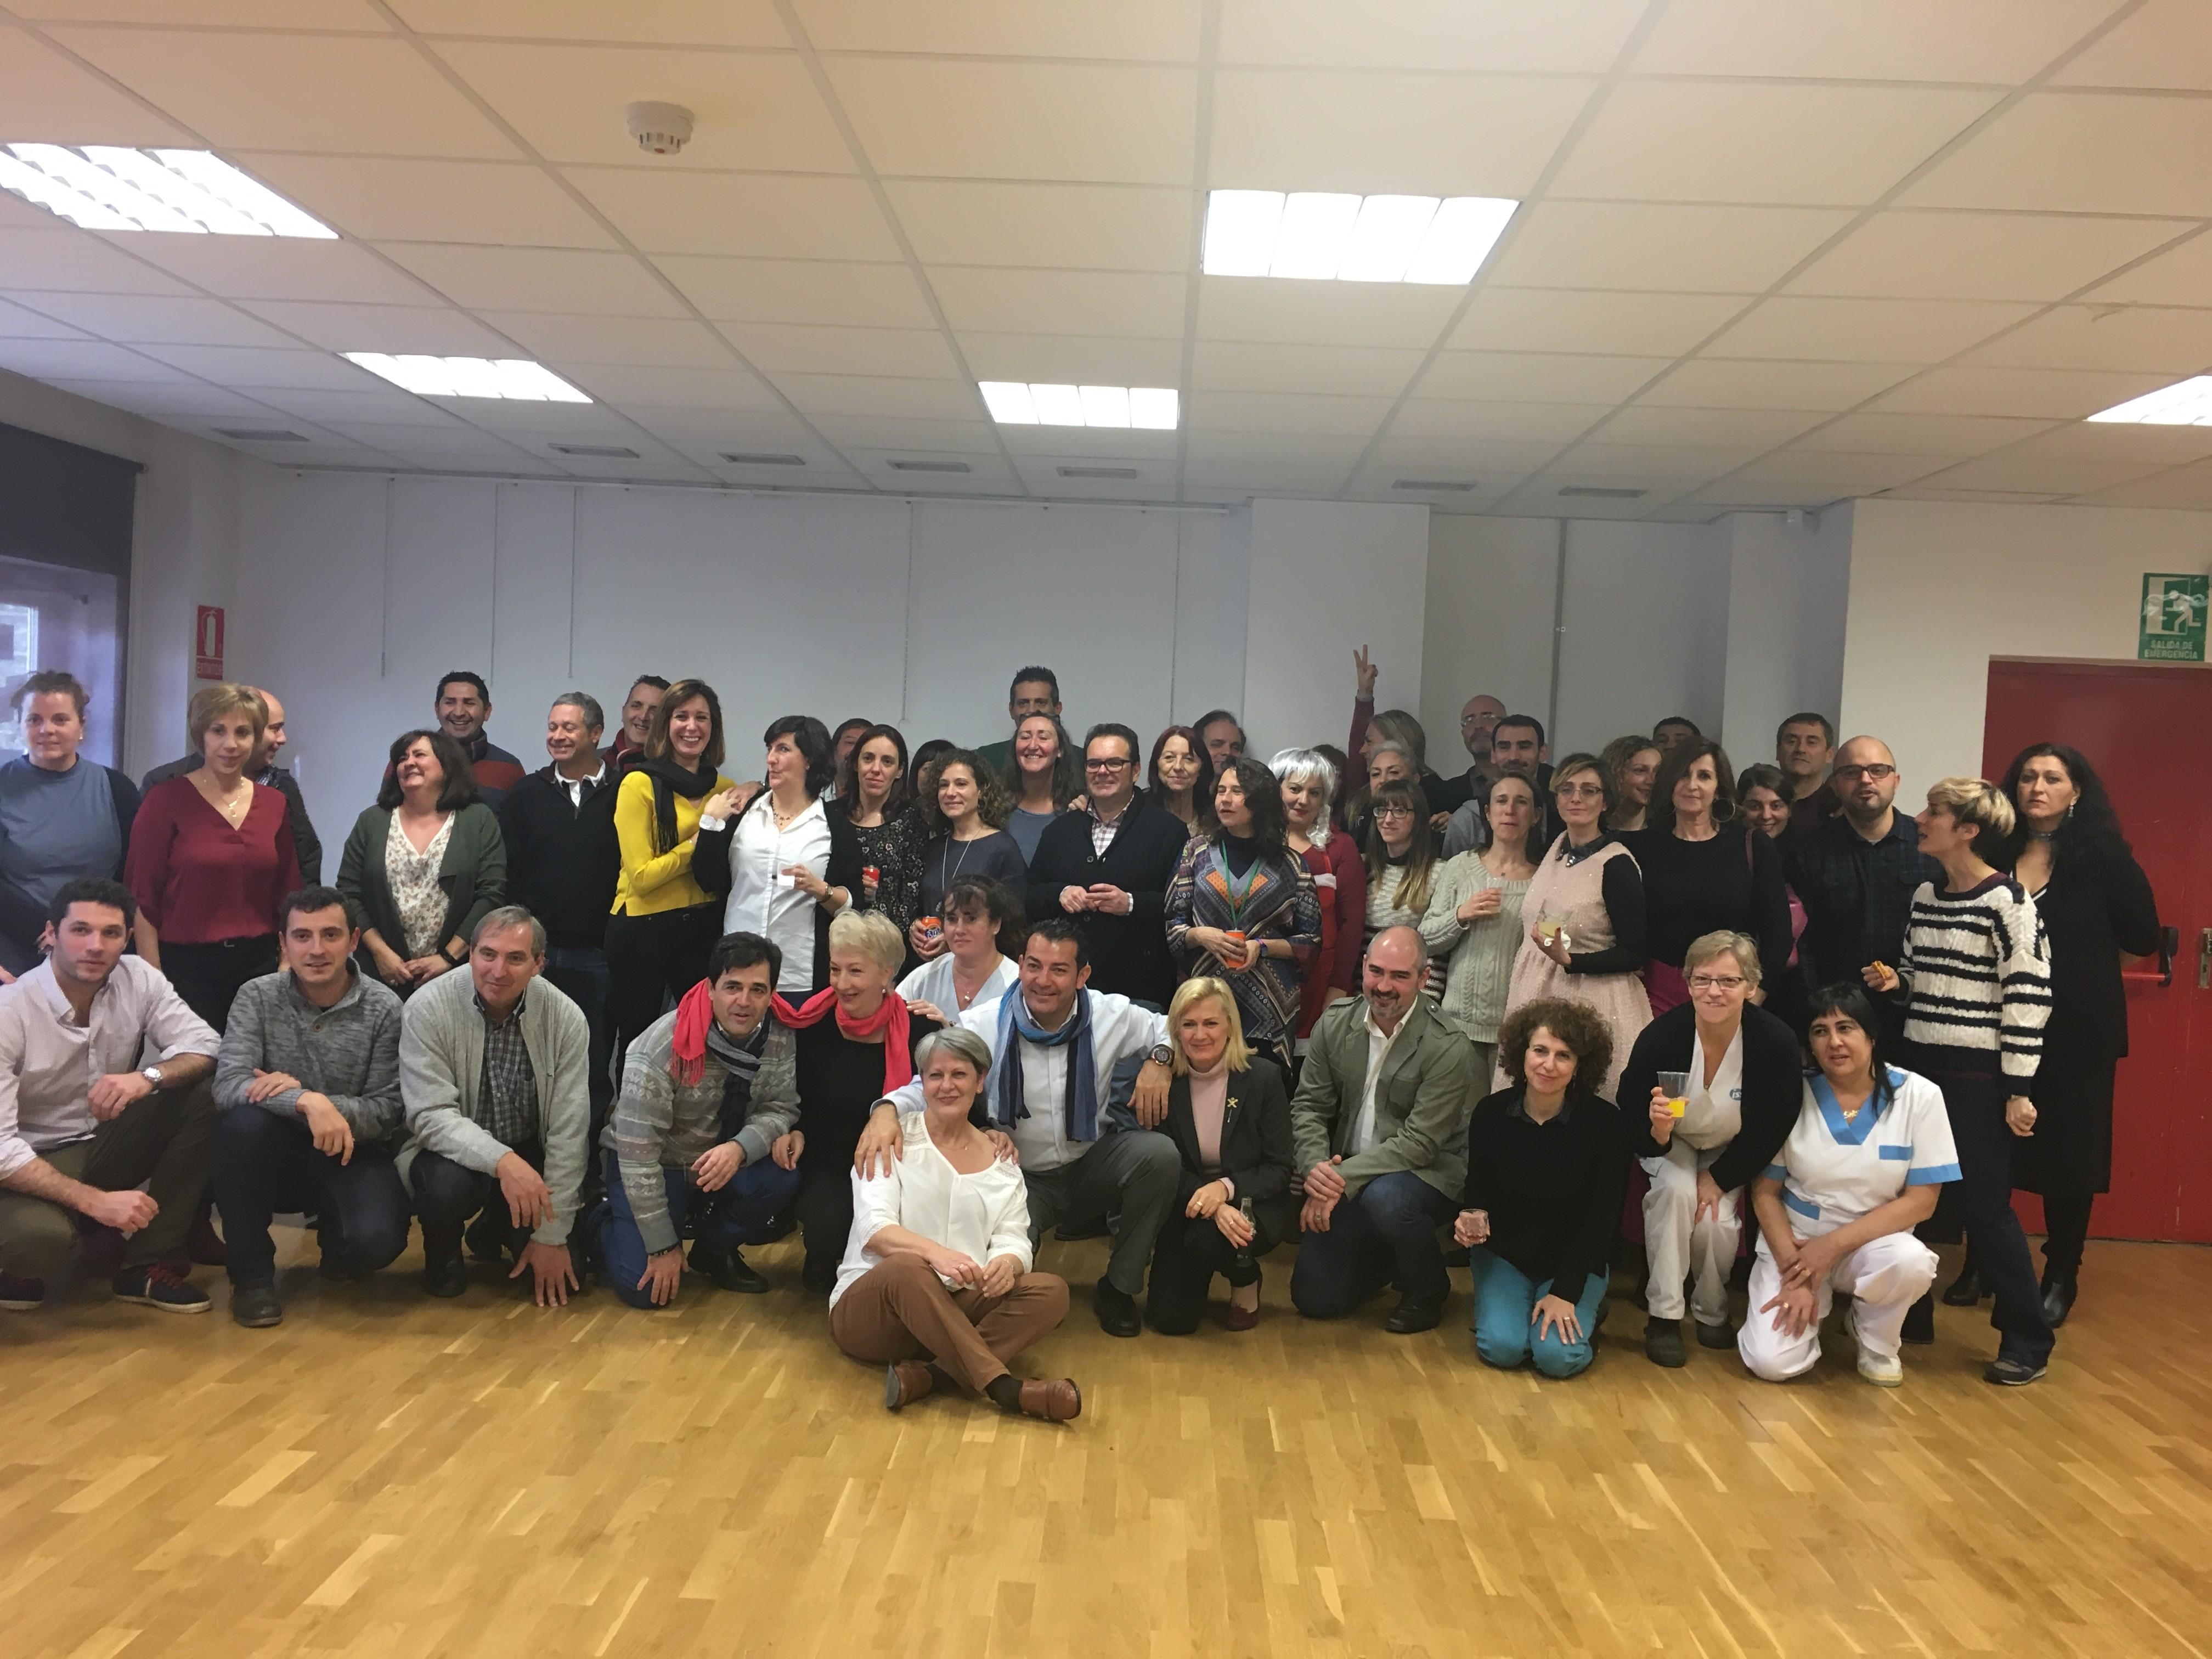 María Ángeles Sancho junto con la plantilla de profesores y trabajadores de la Escuela de hostelería y Turismo Simone Ortega